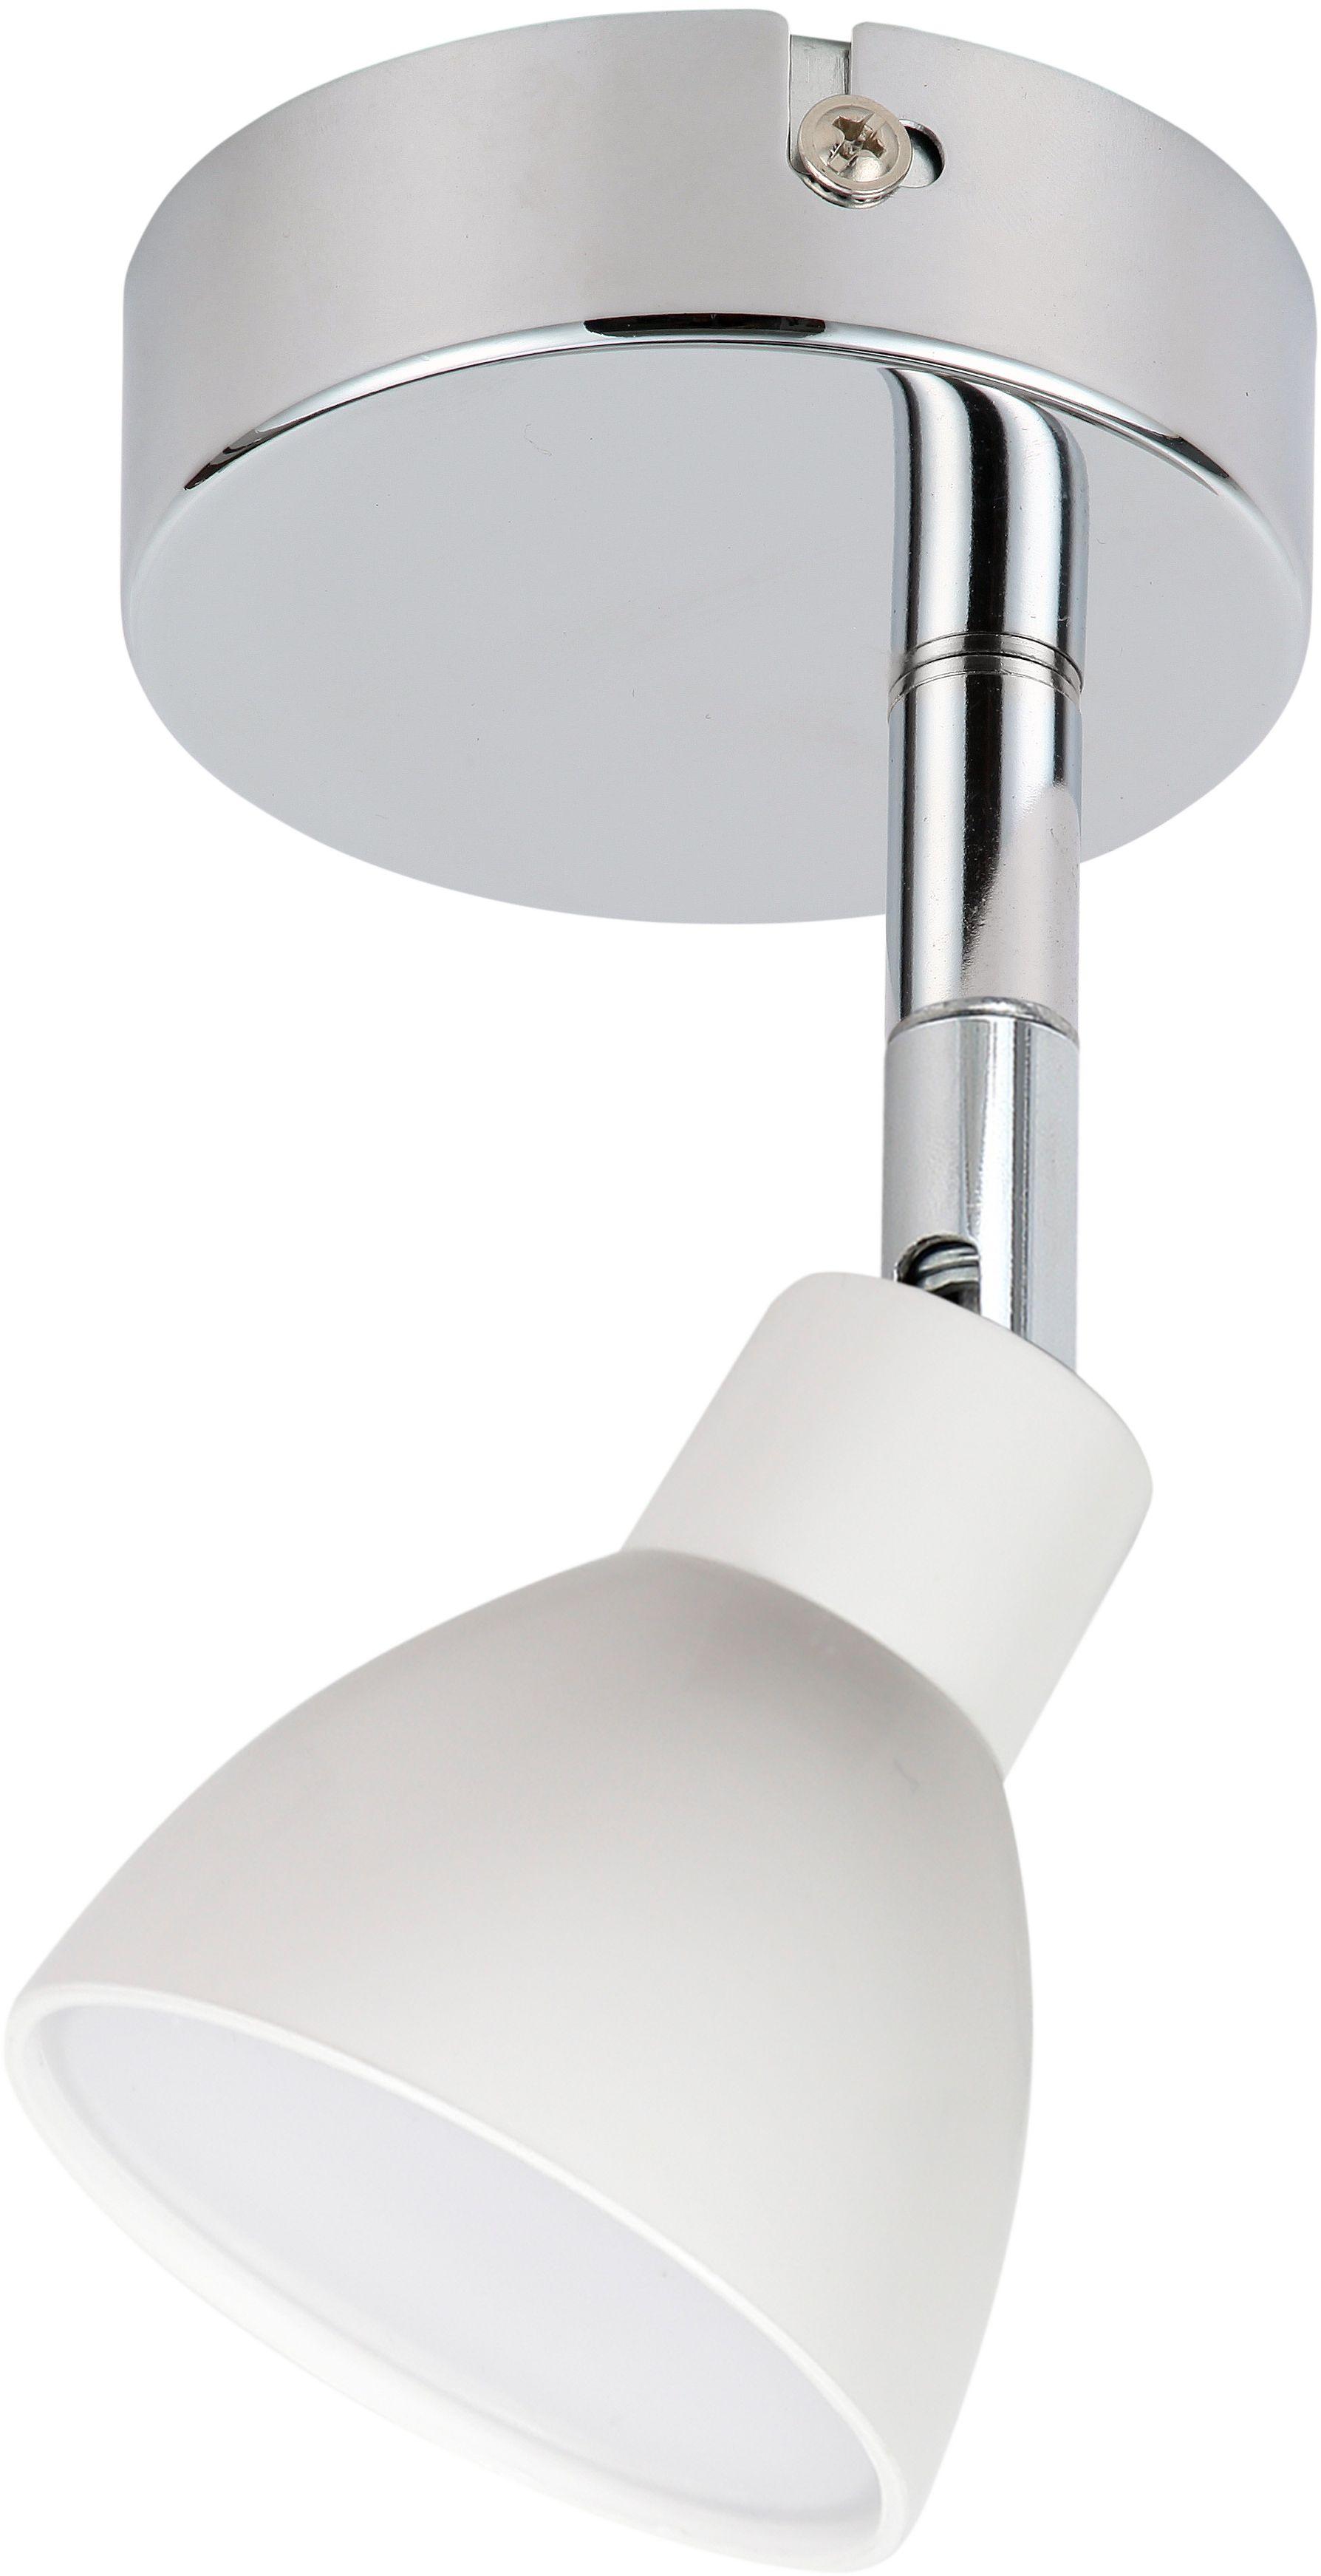 Candellux ROY 91-67524 kinkiet lampa ścienna biały 1X5W LED COB główka okrągła chrom 7cm